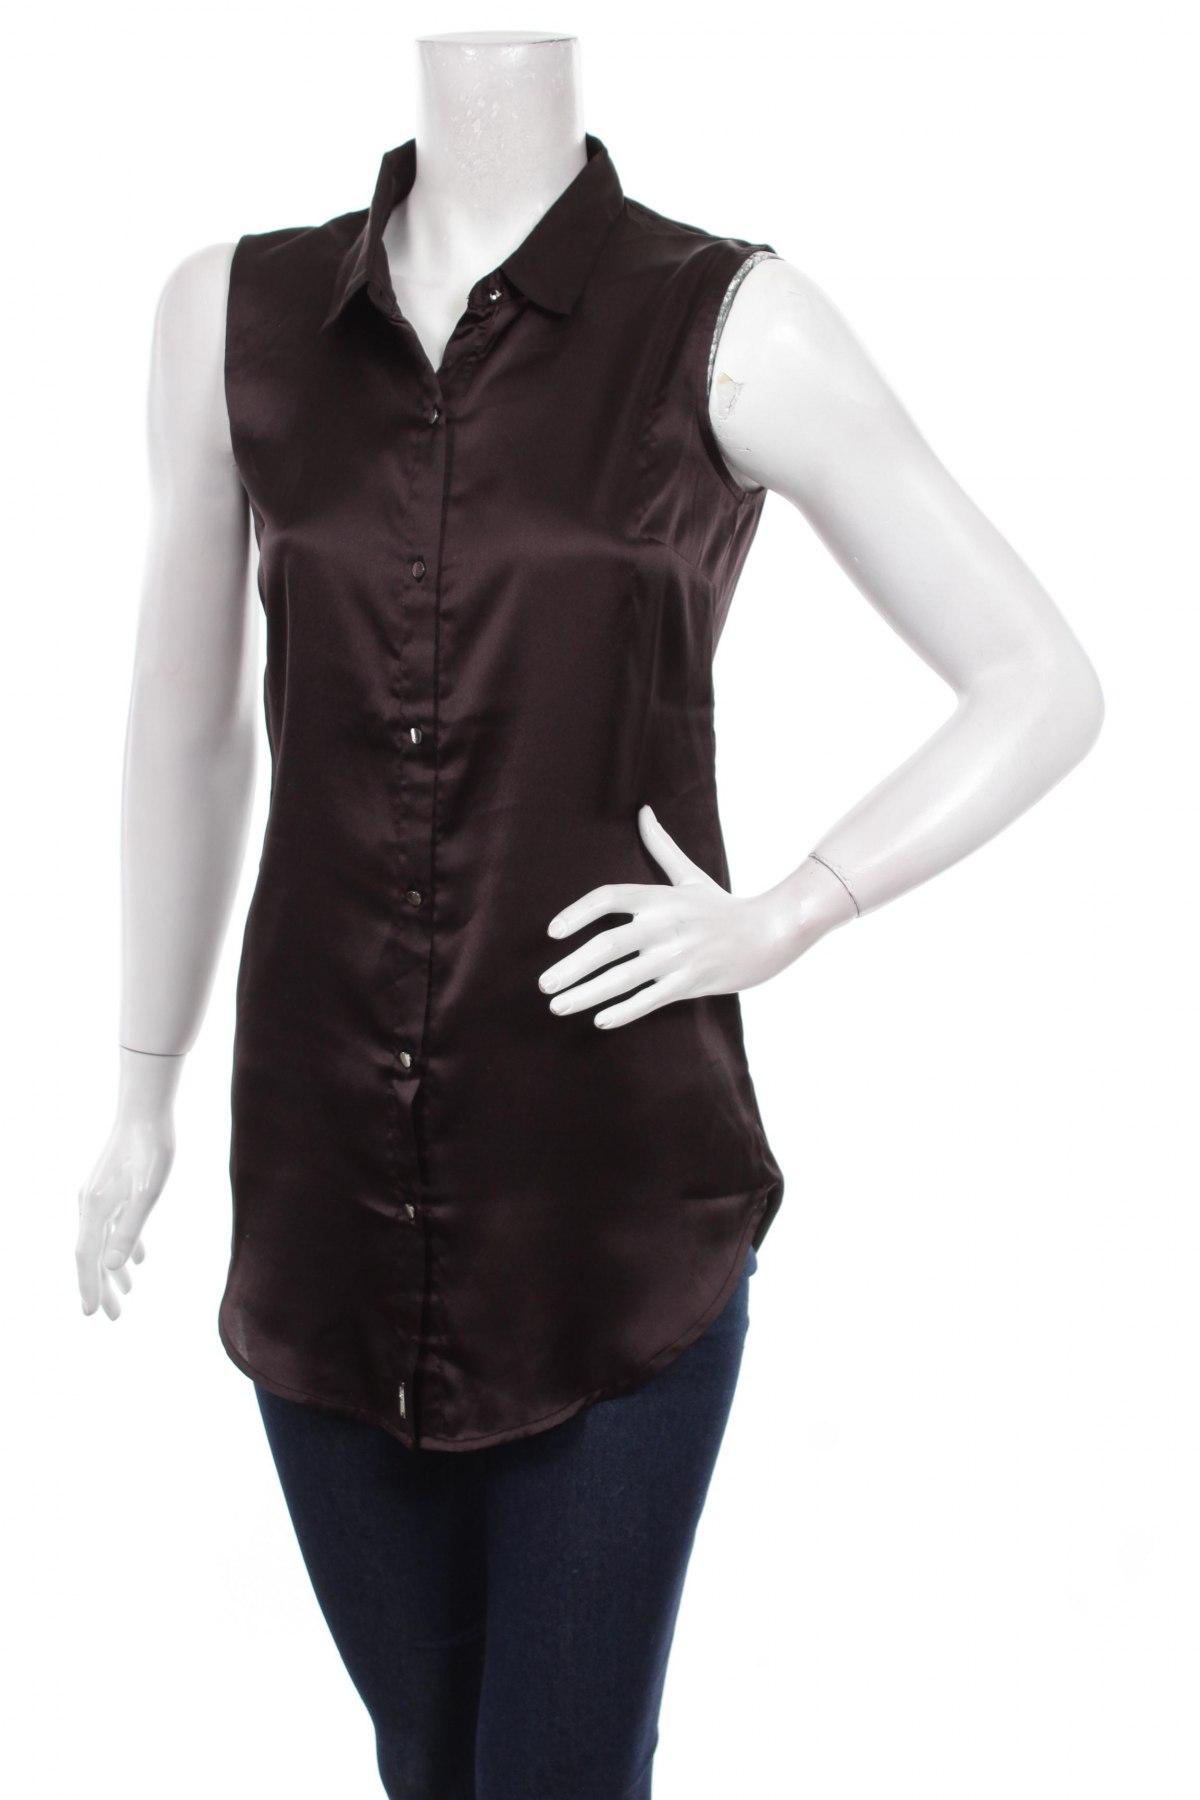 Γυναικείο πουκάμισο La City, Μέγεθος XS, Χρώμα Μαύρο, Πολυεστέρας, Τιμή 2,00€